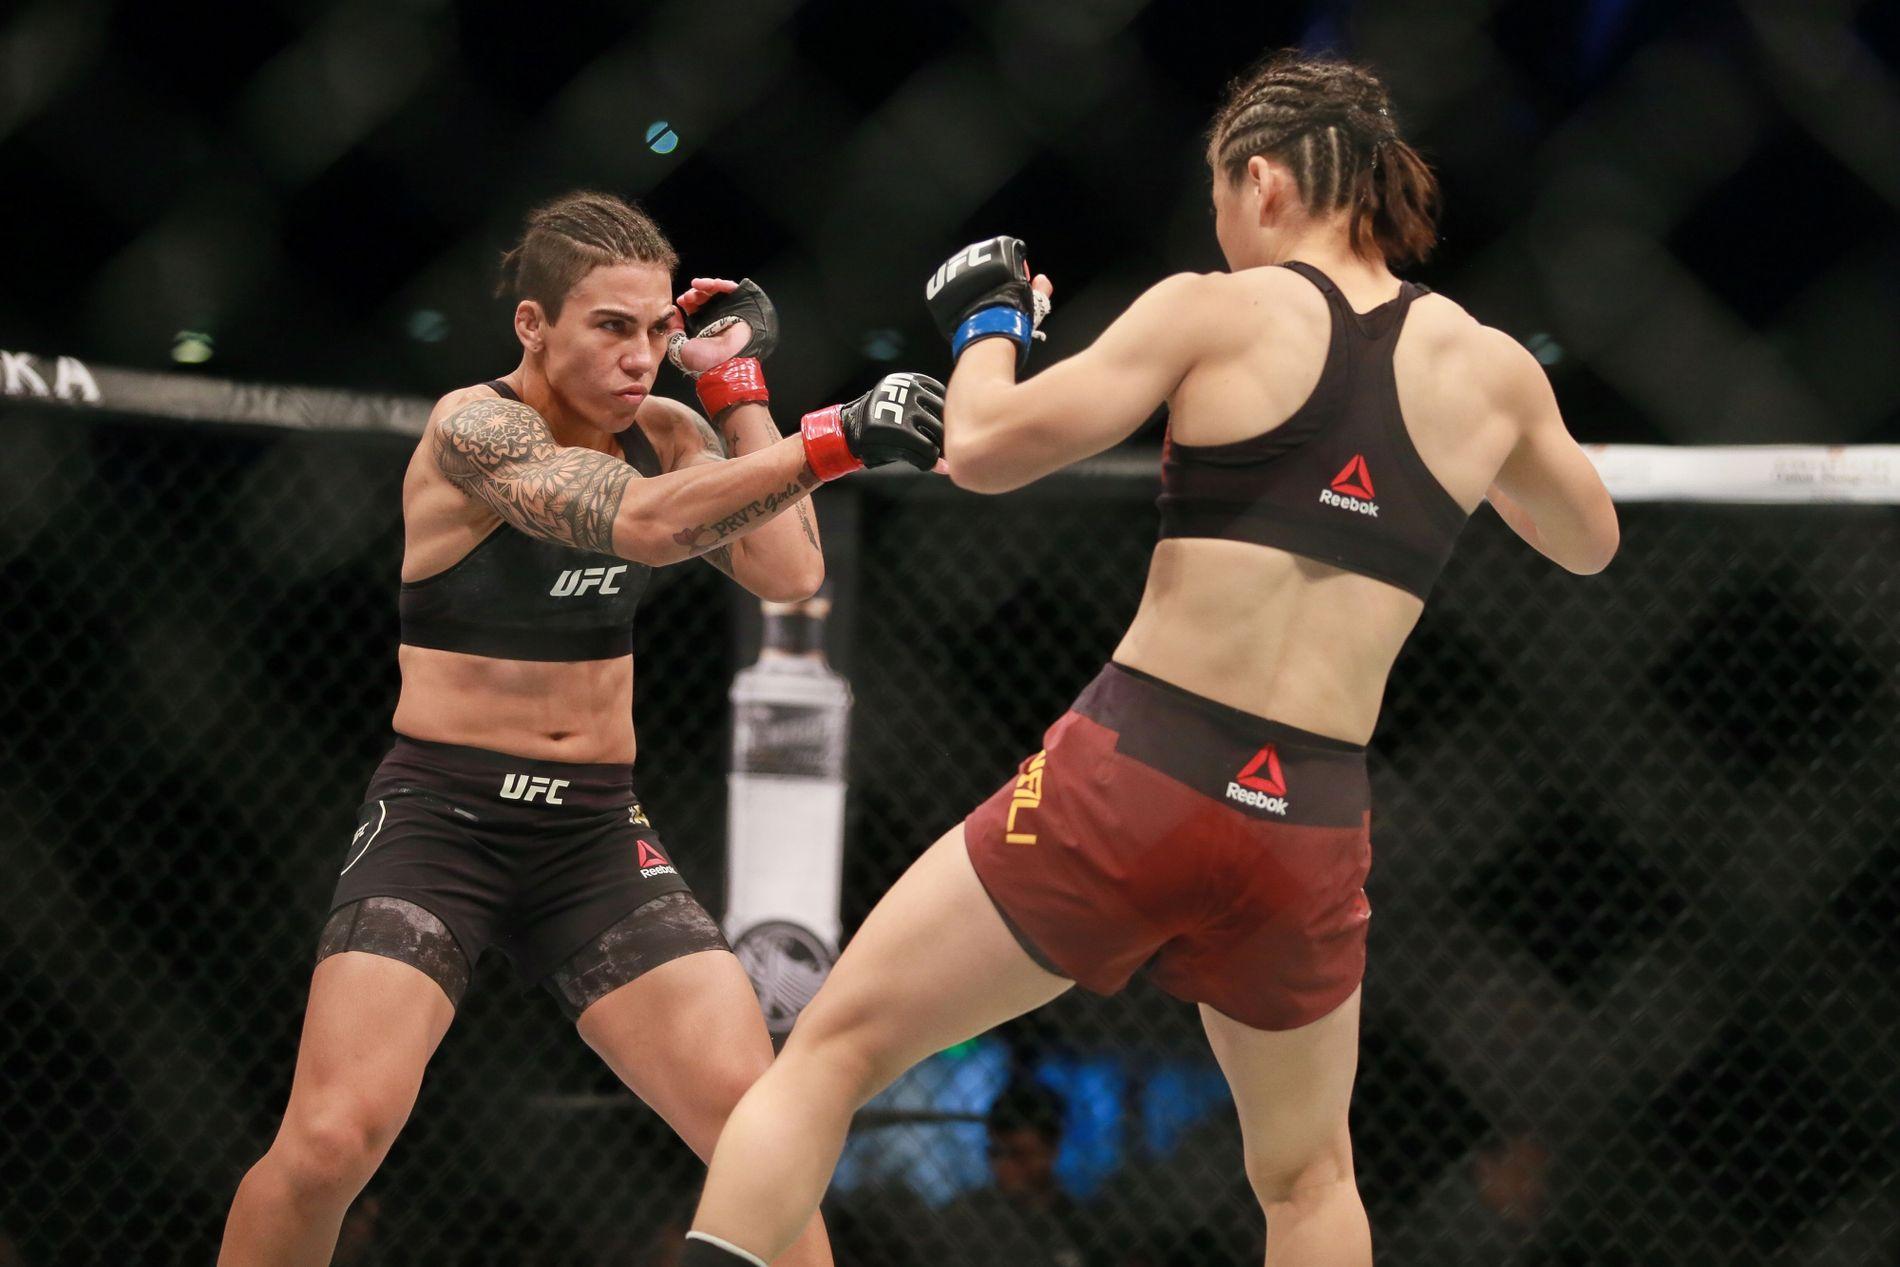 TAPTE BELTET: Jessica Andrade (t.v.) reiste til Kina som mester i stråvekt. Weili Zhang tok tittelen fra henne på brutalt vist.